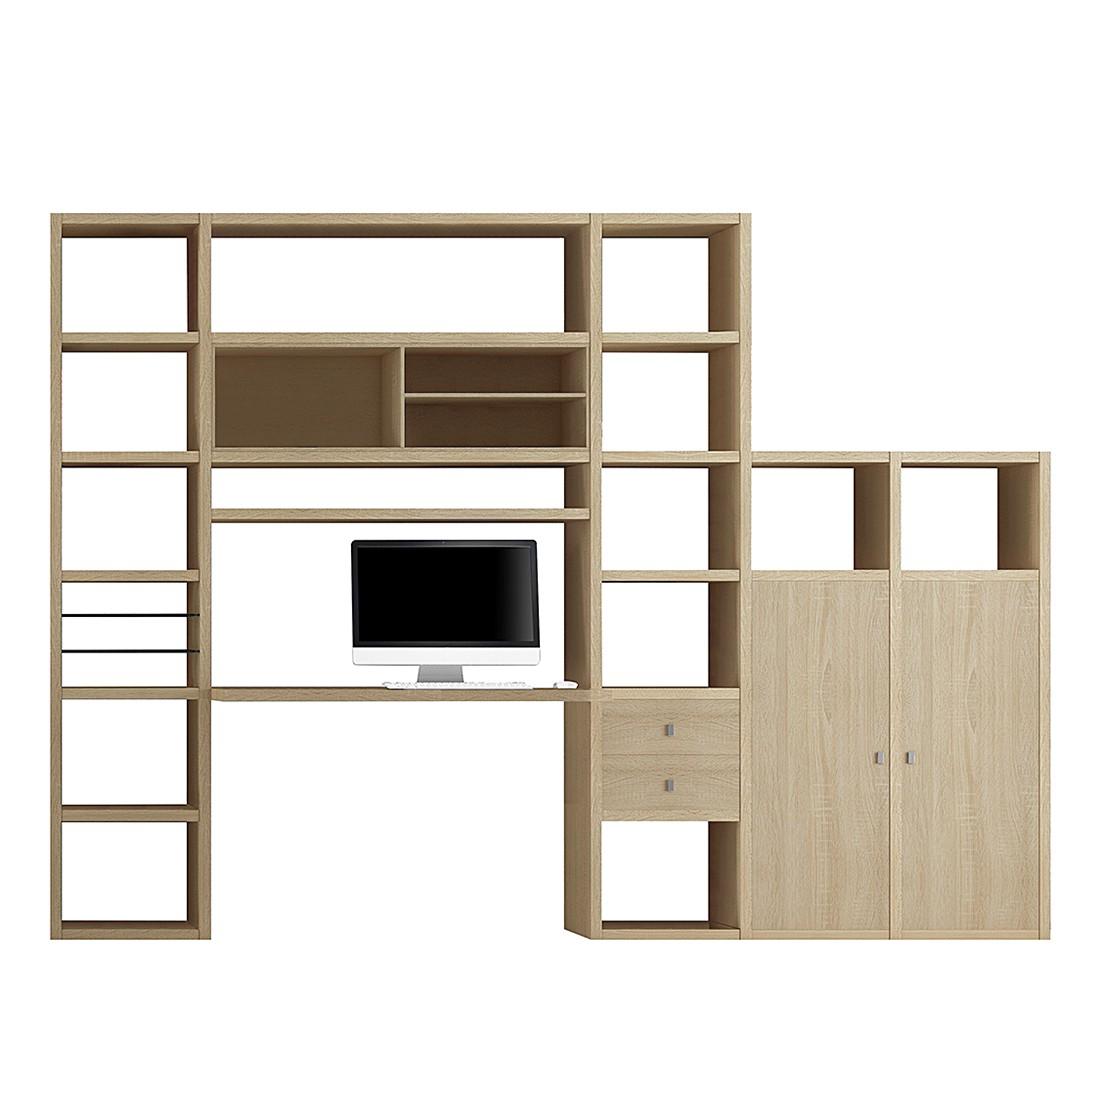 Wohnkombination Emporior I - Eiche Dekor, loftscape